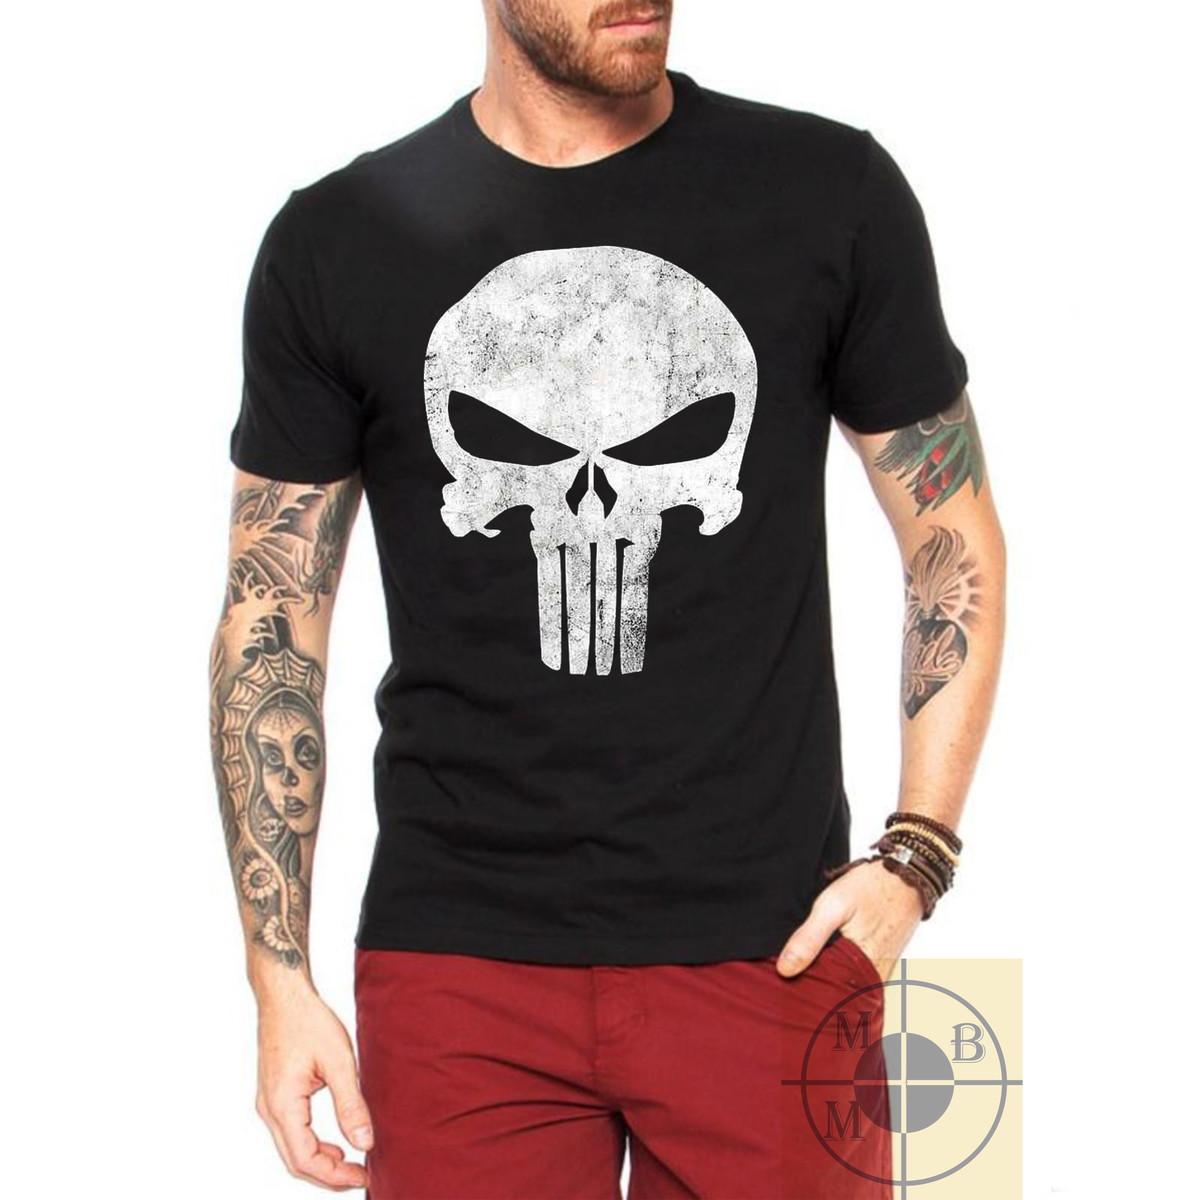 4308e2eab7d45 Camiseta Justiceiro The Punisher Frank Caveira Série Geek no Elo7 ...